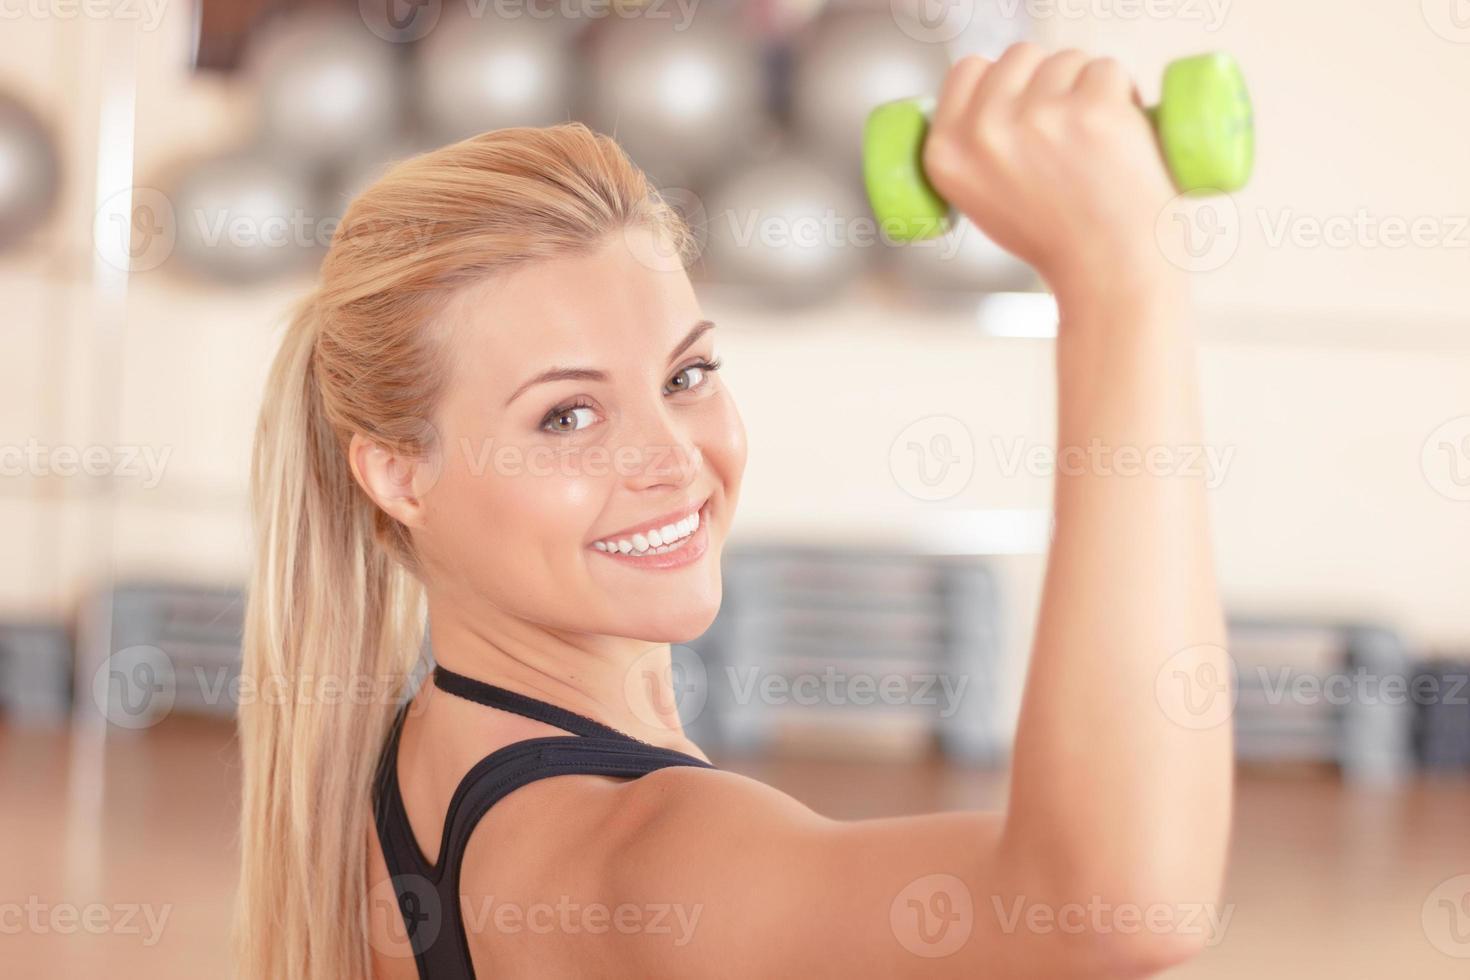 jolie femme blonde faisant des exercices de fitness photo